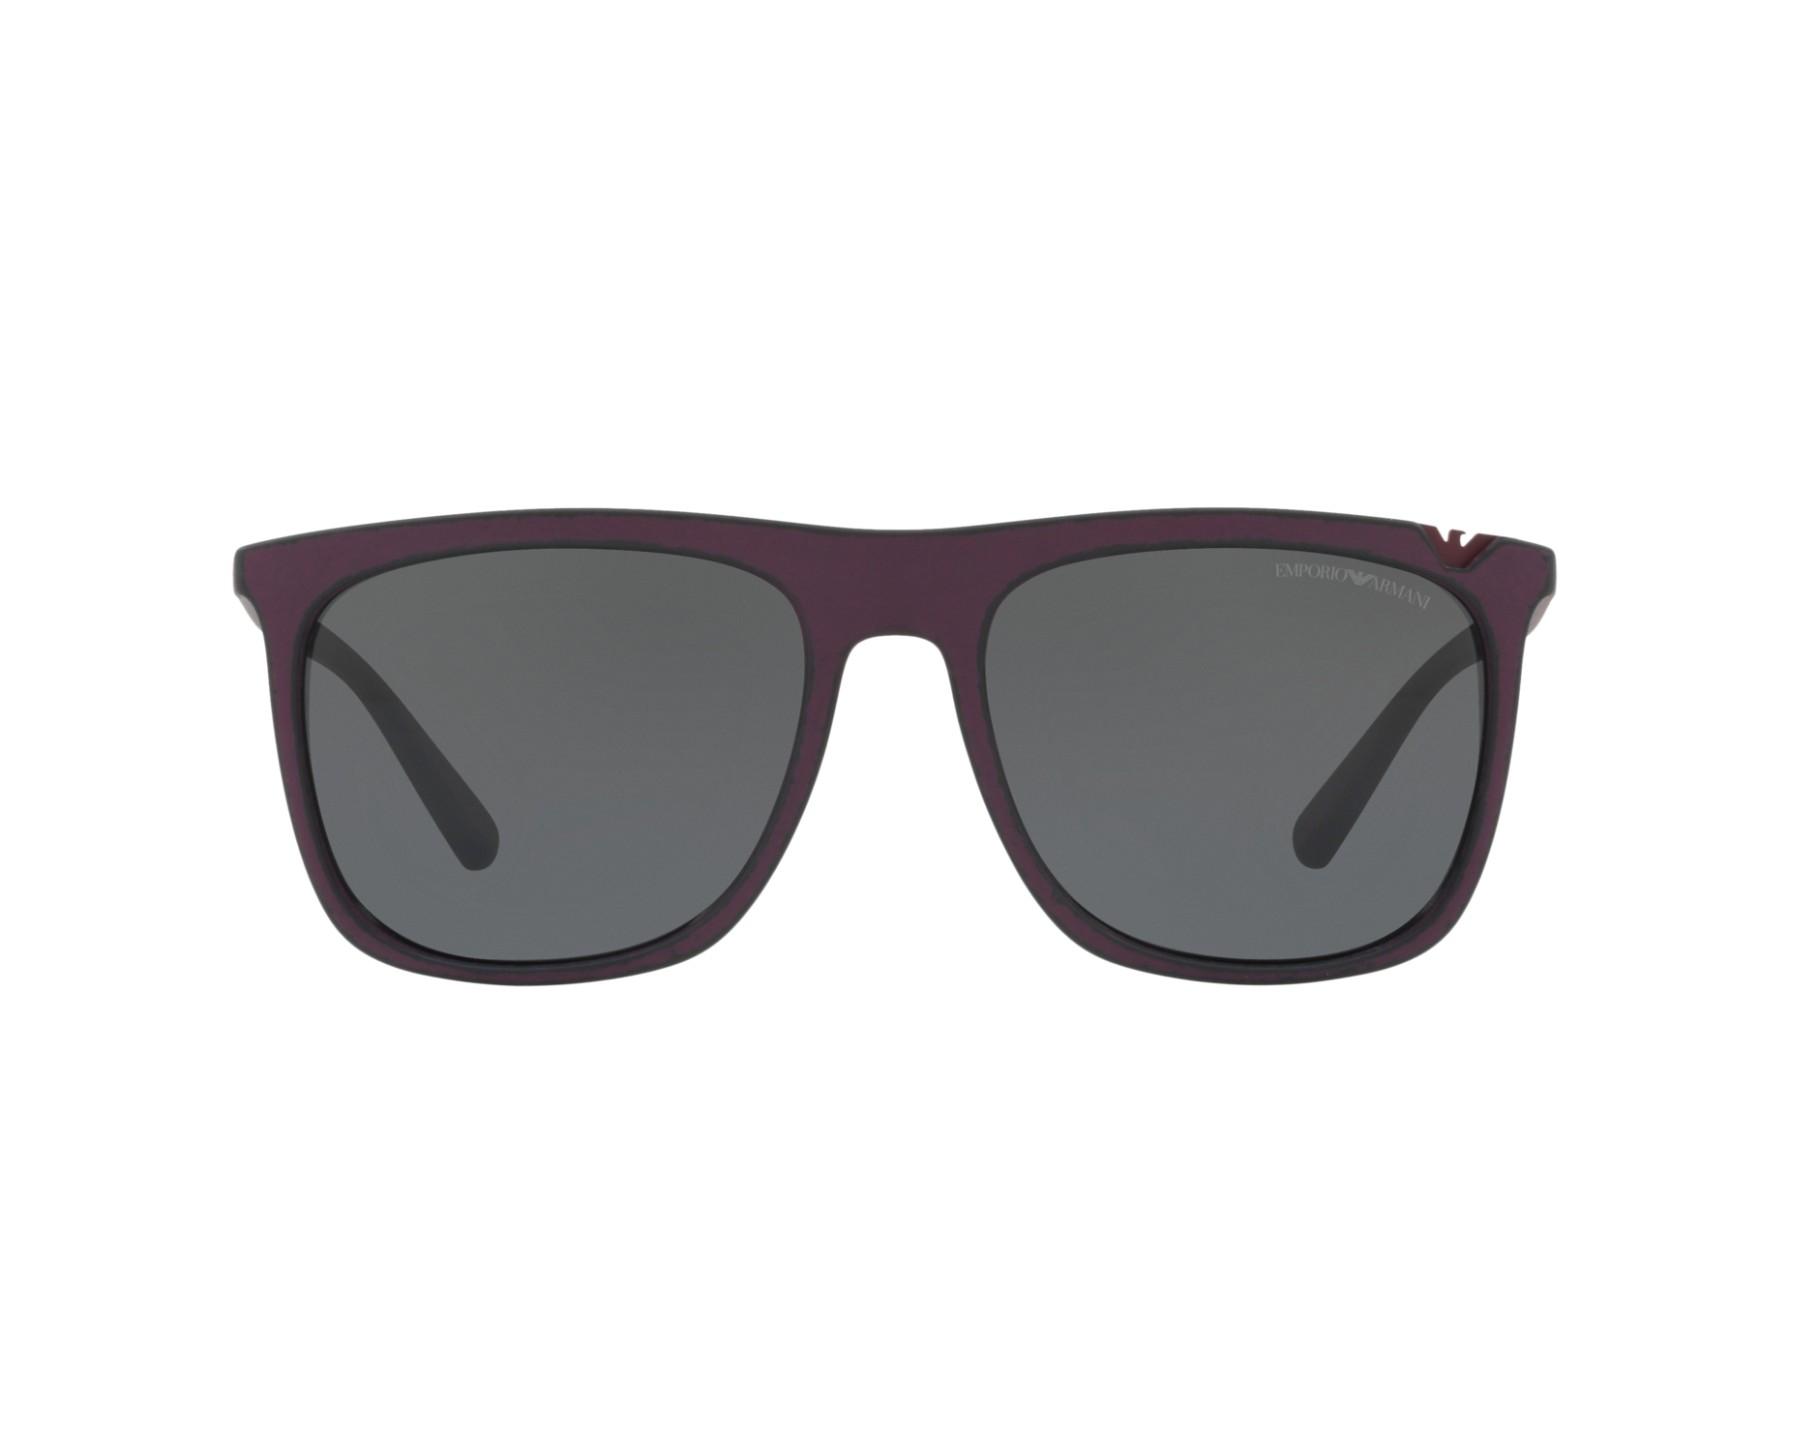 Lunettes de soleil emporio armani ea 4095 560187 marron avec des verres gris - Verre lunette raye assurance ...